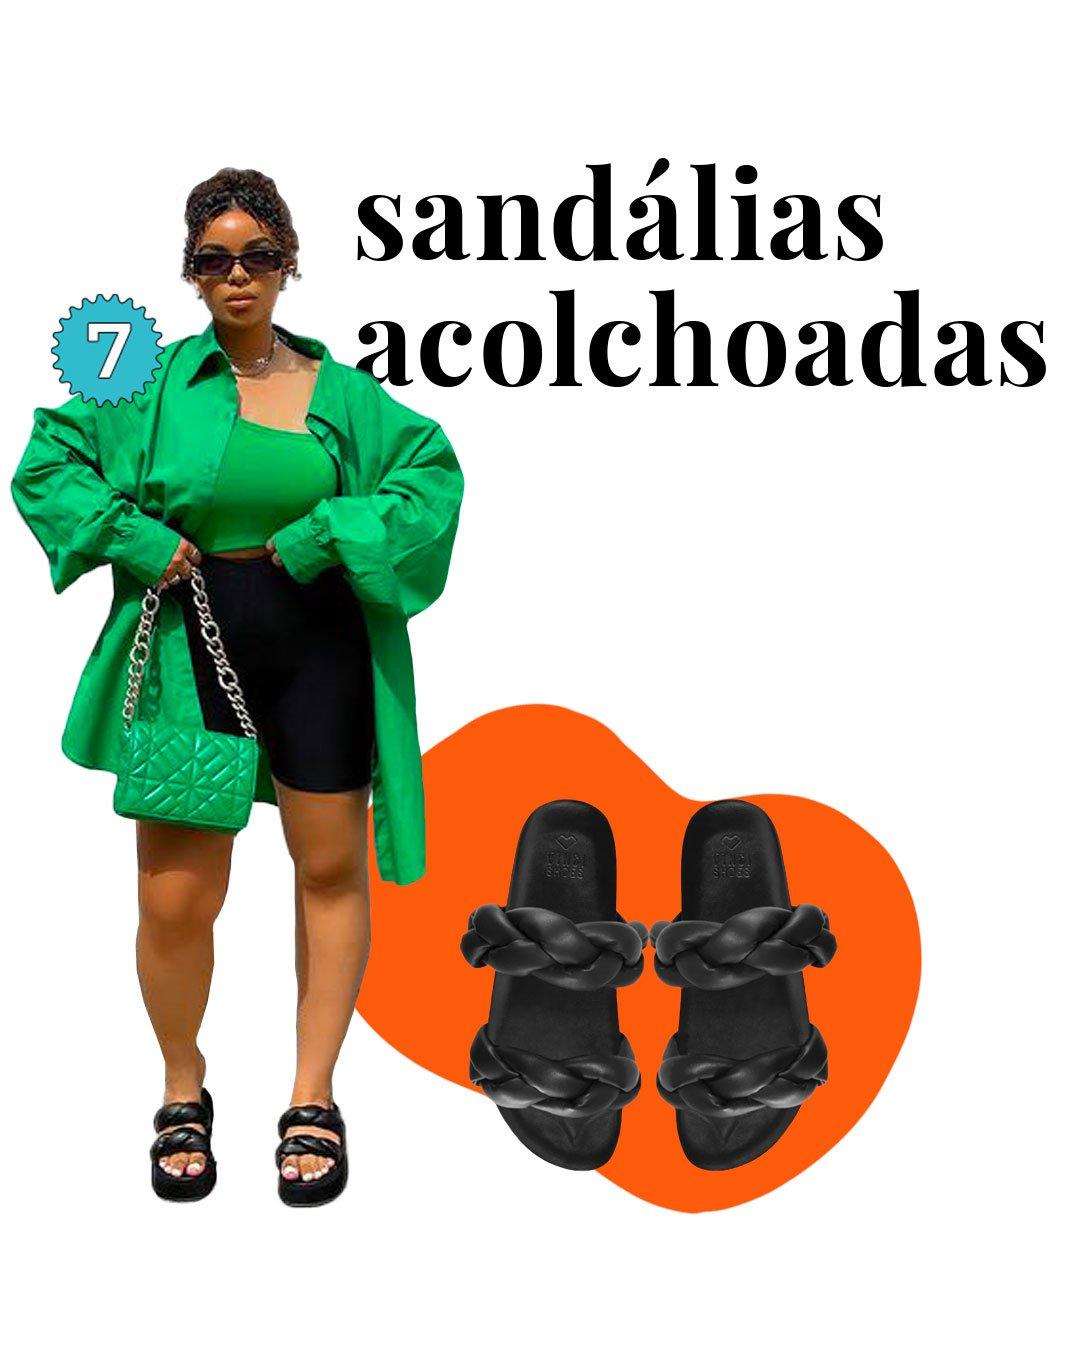 Vanessa Daniels - Street Style - tendência no verão - Verão - Steal the Look  - https://stealthelook.com.br